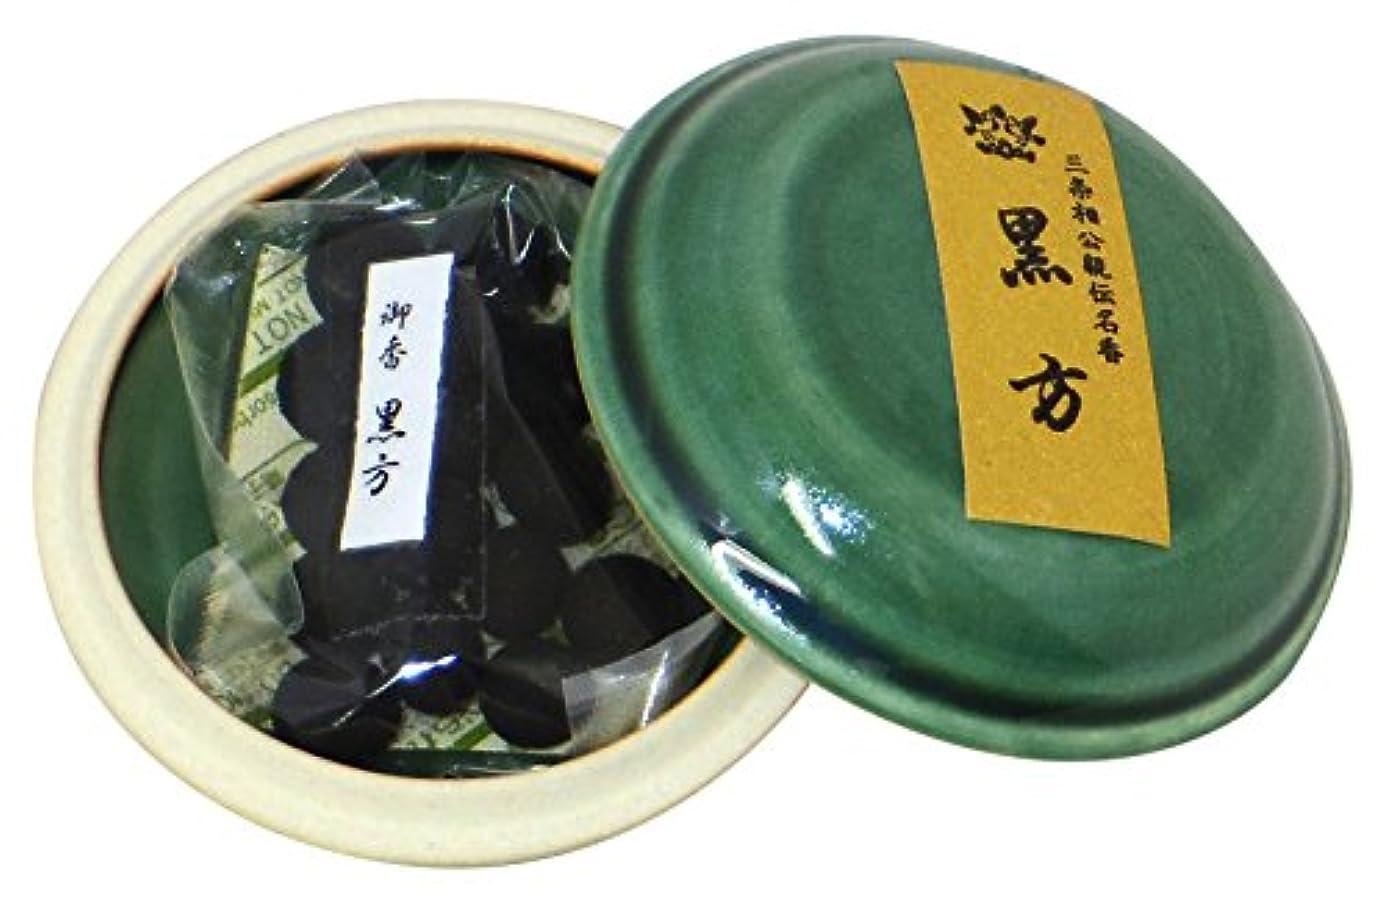 突進顕微鏡下位鳩居堂の煉香 御香 黒方 桐箱 たと紙 陶器香合8g入 #501